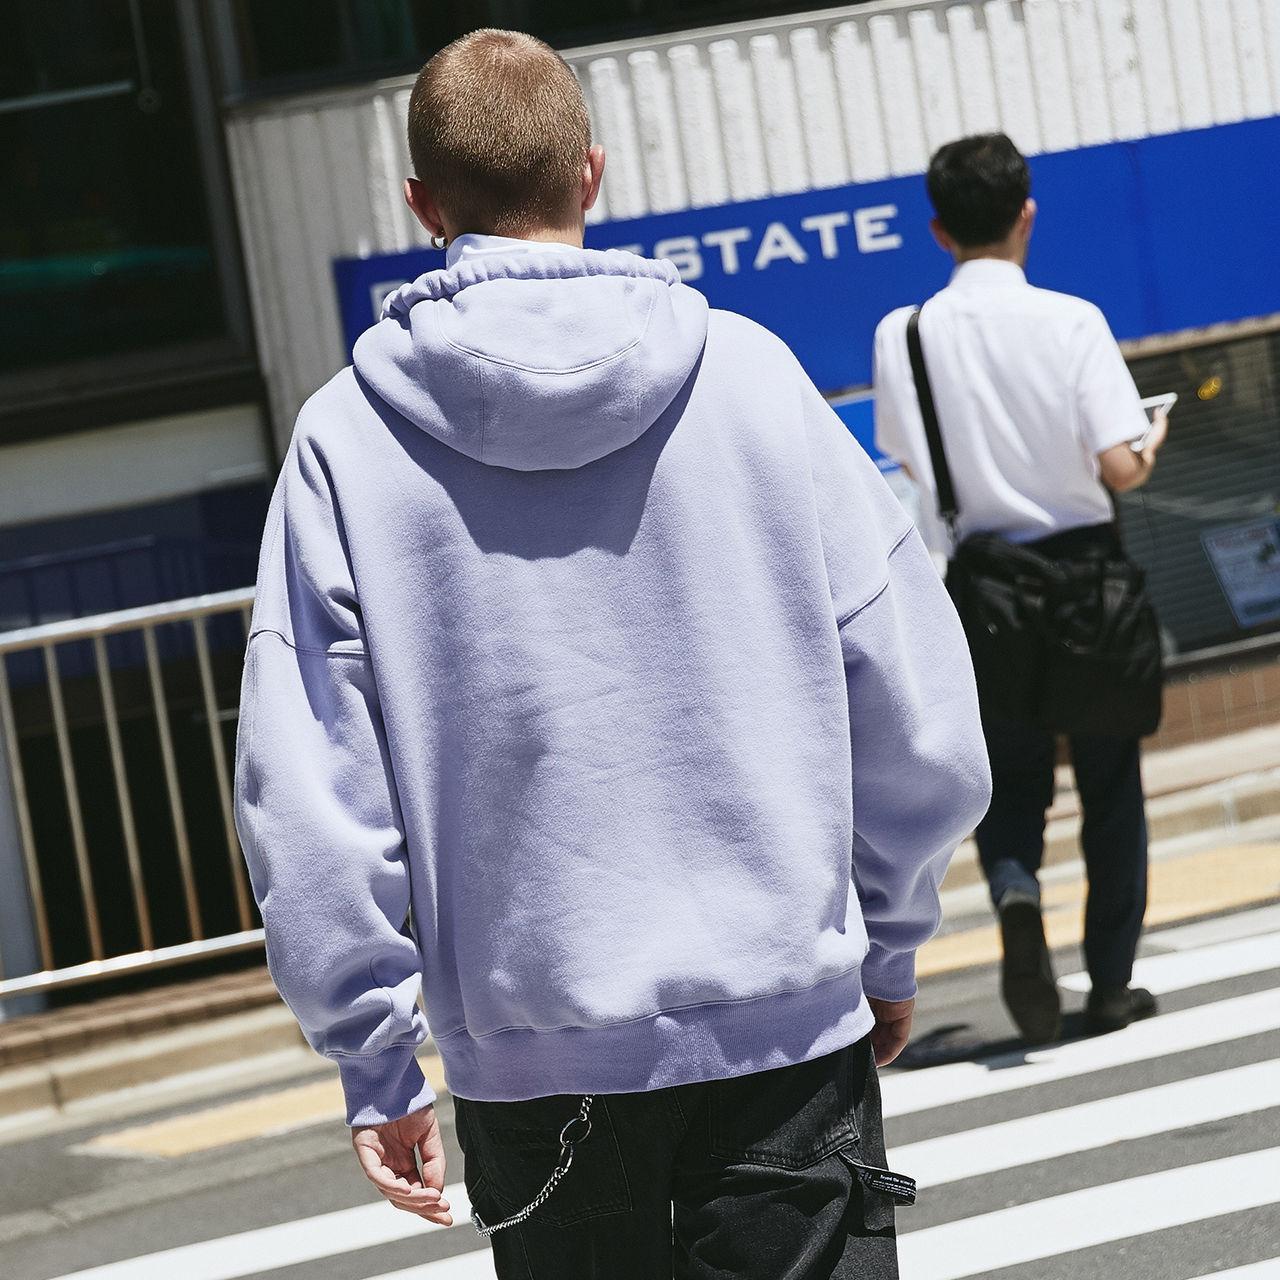 Lilbetter卫衣男 秋装连帽上衣韩版宽松潮牌男装帽衫嘻哈男士外套